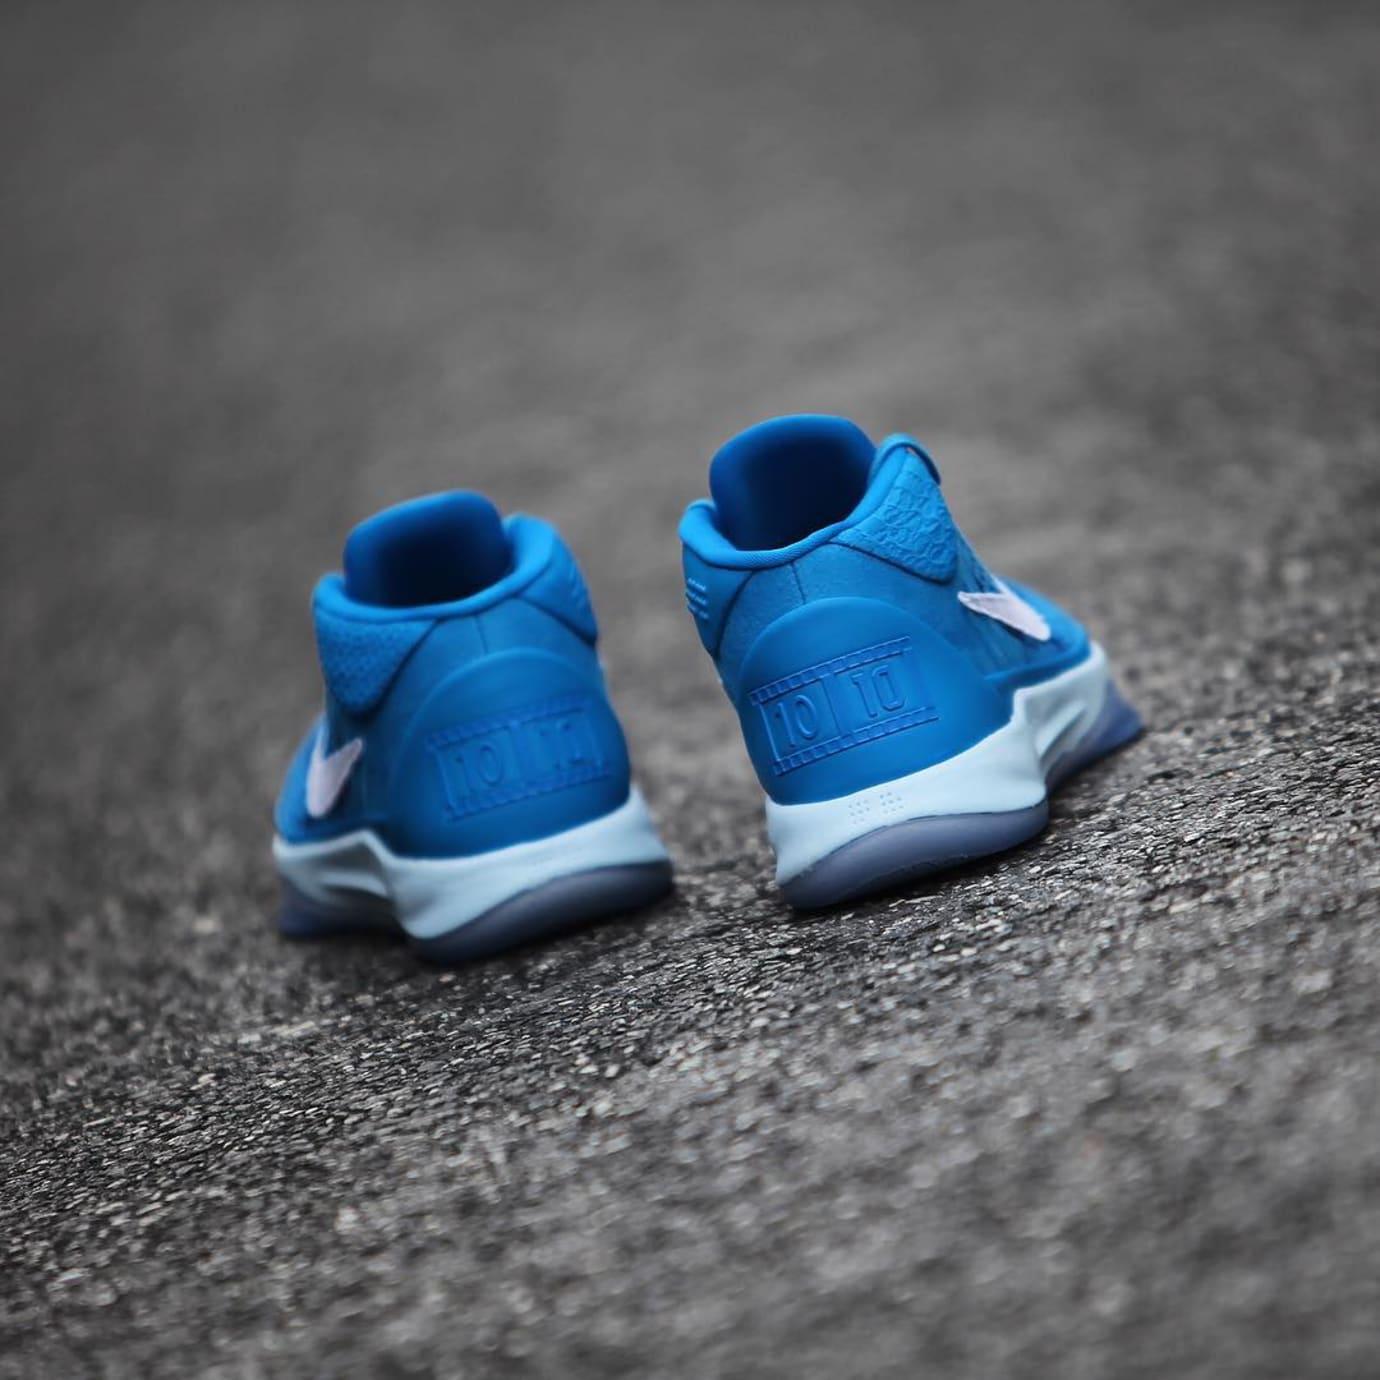 new style 5cb0a 70202 Nike Kobe A.D. Mid DeMar DeRozan PE Release Date | Sole ...